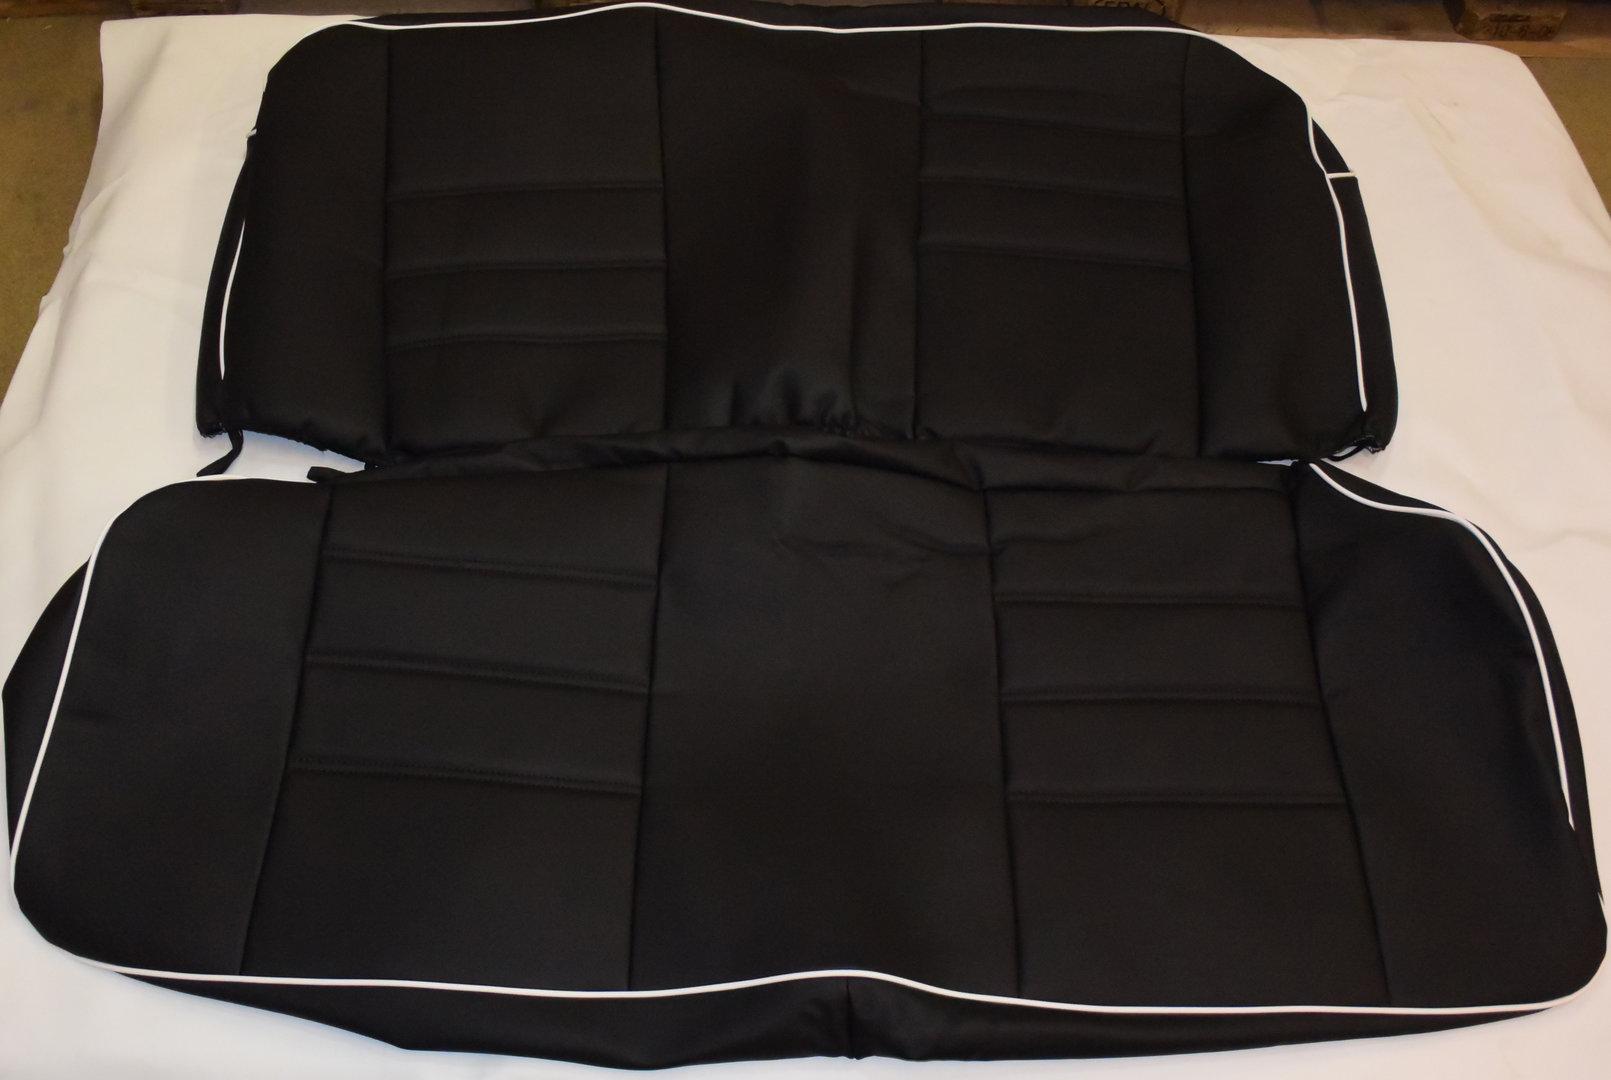 vw k fer limousine 08 76 1985 ma sitzbez ge in schwarz. Black Bedroom Furniture Sets. Home Design Ideas